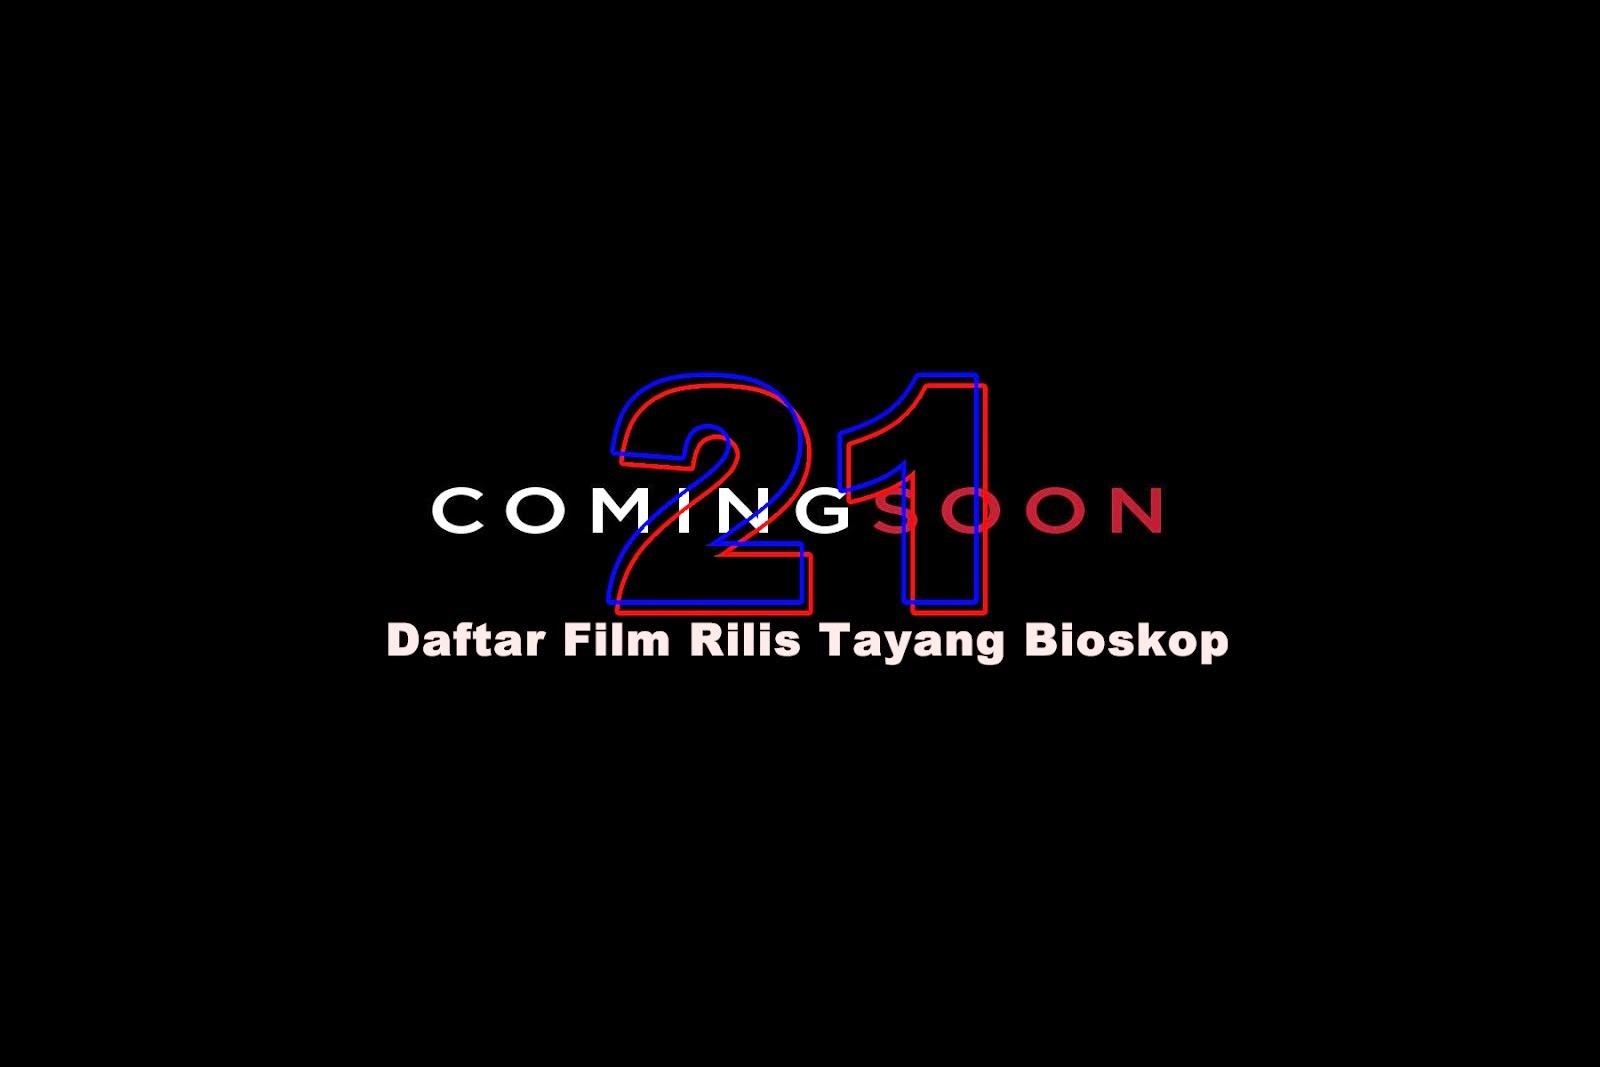 Daftar Film Rilis Tayang Bioskop